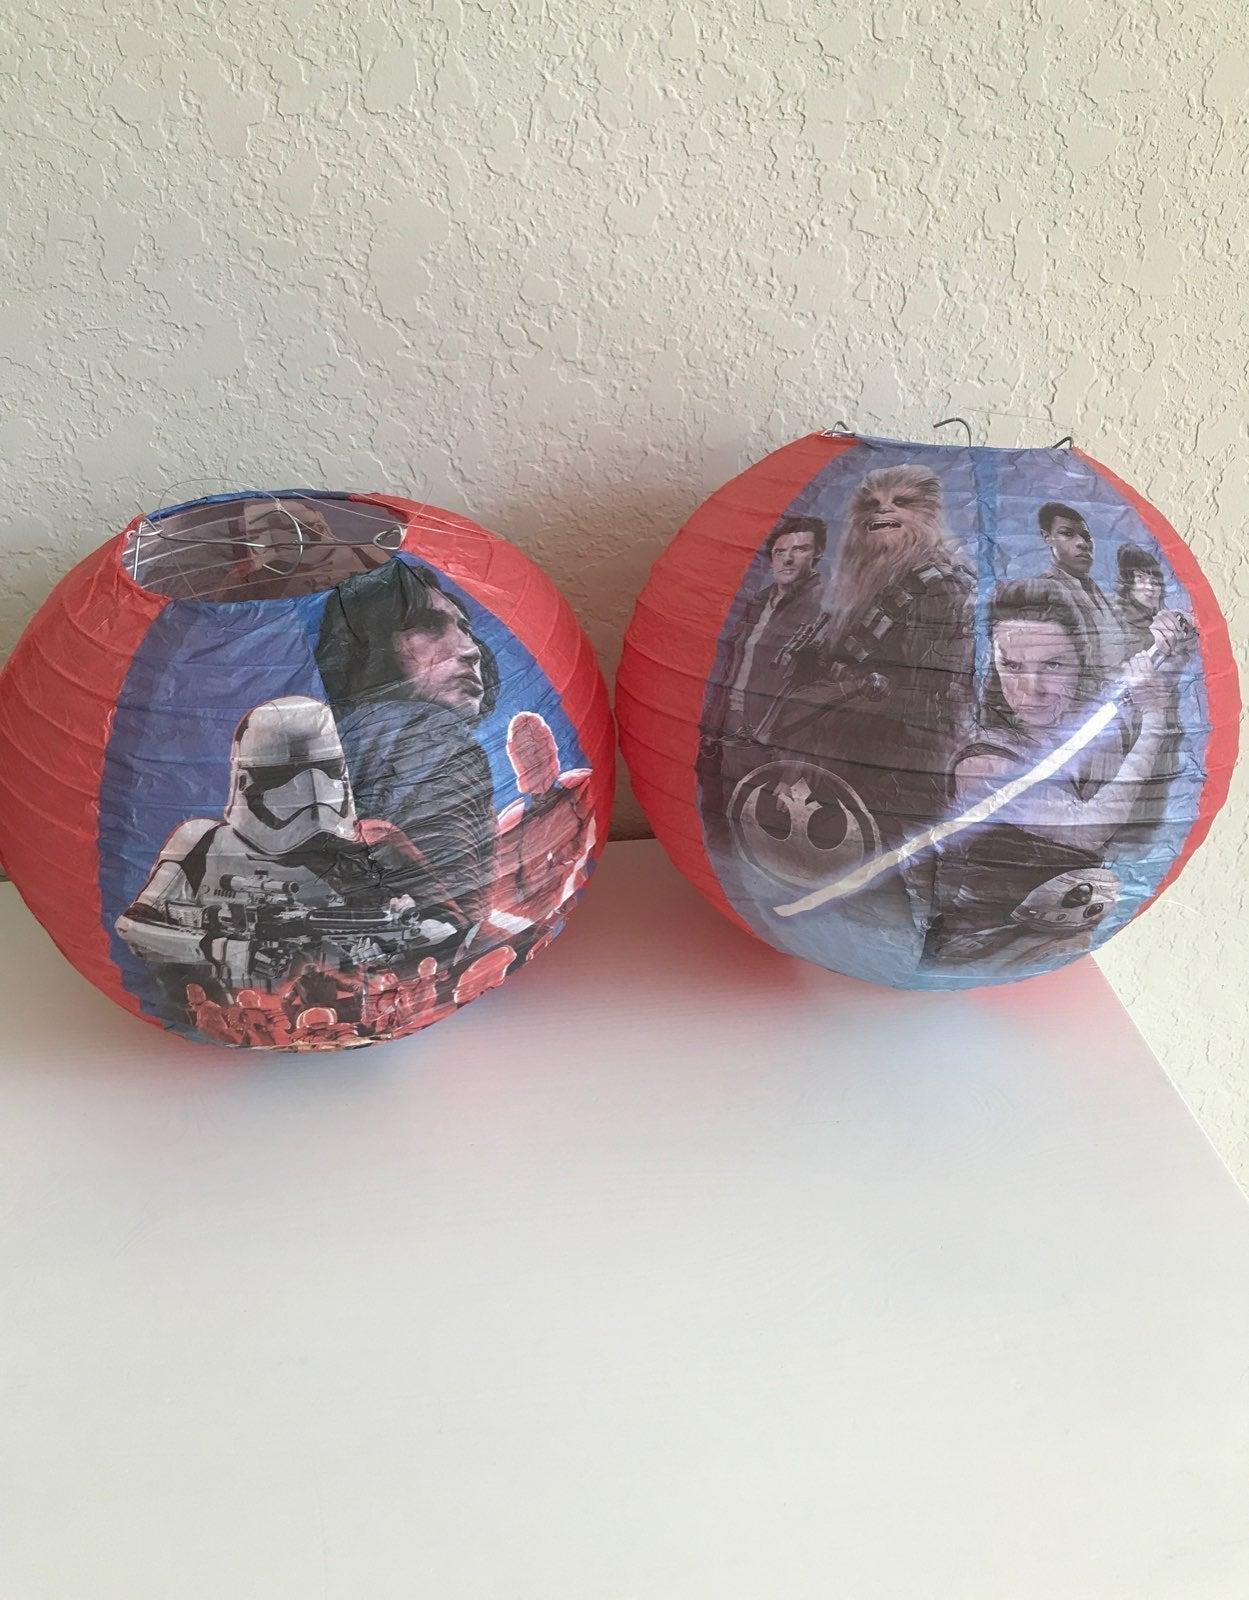 Star Wars Party Lanterns